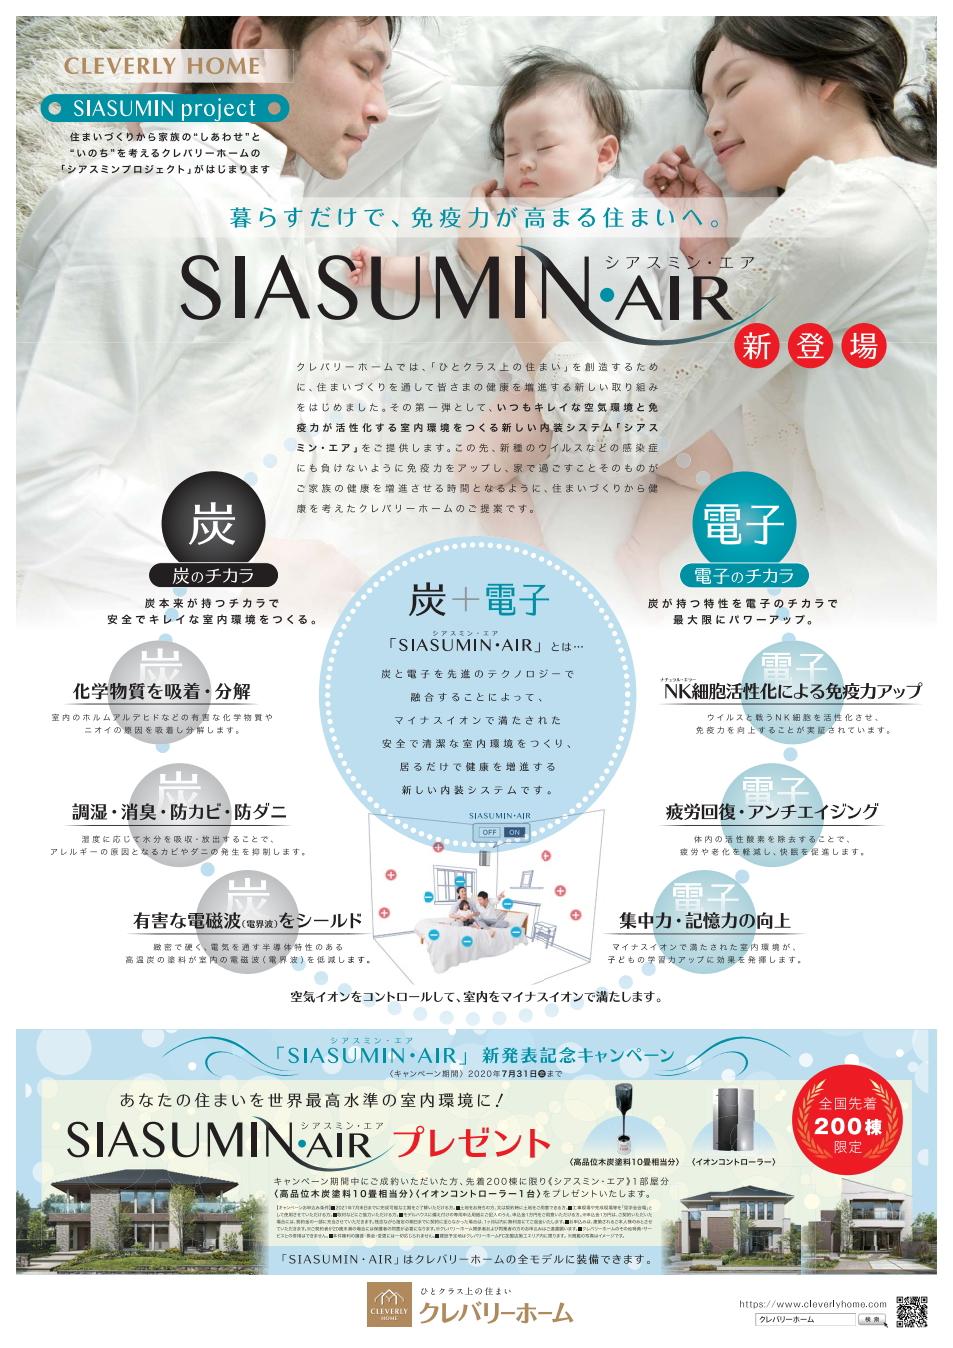 SIASUMIN・AIR